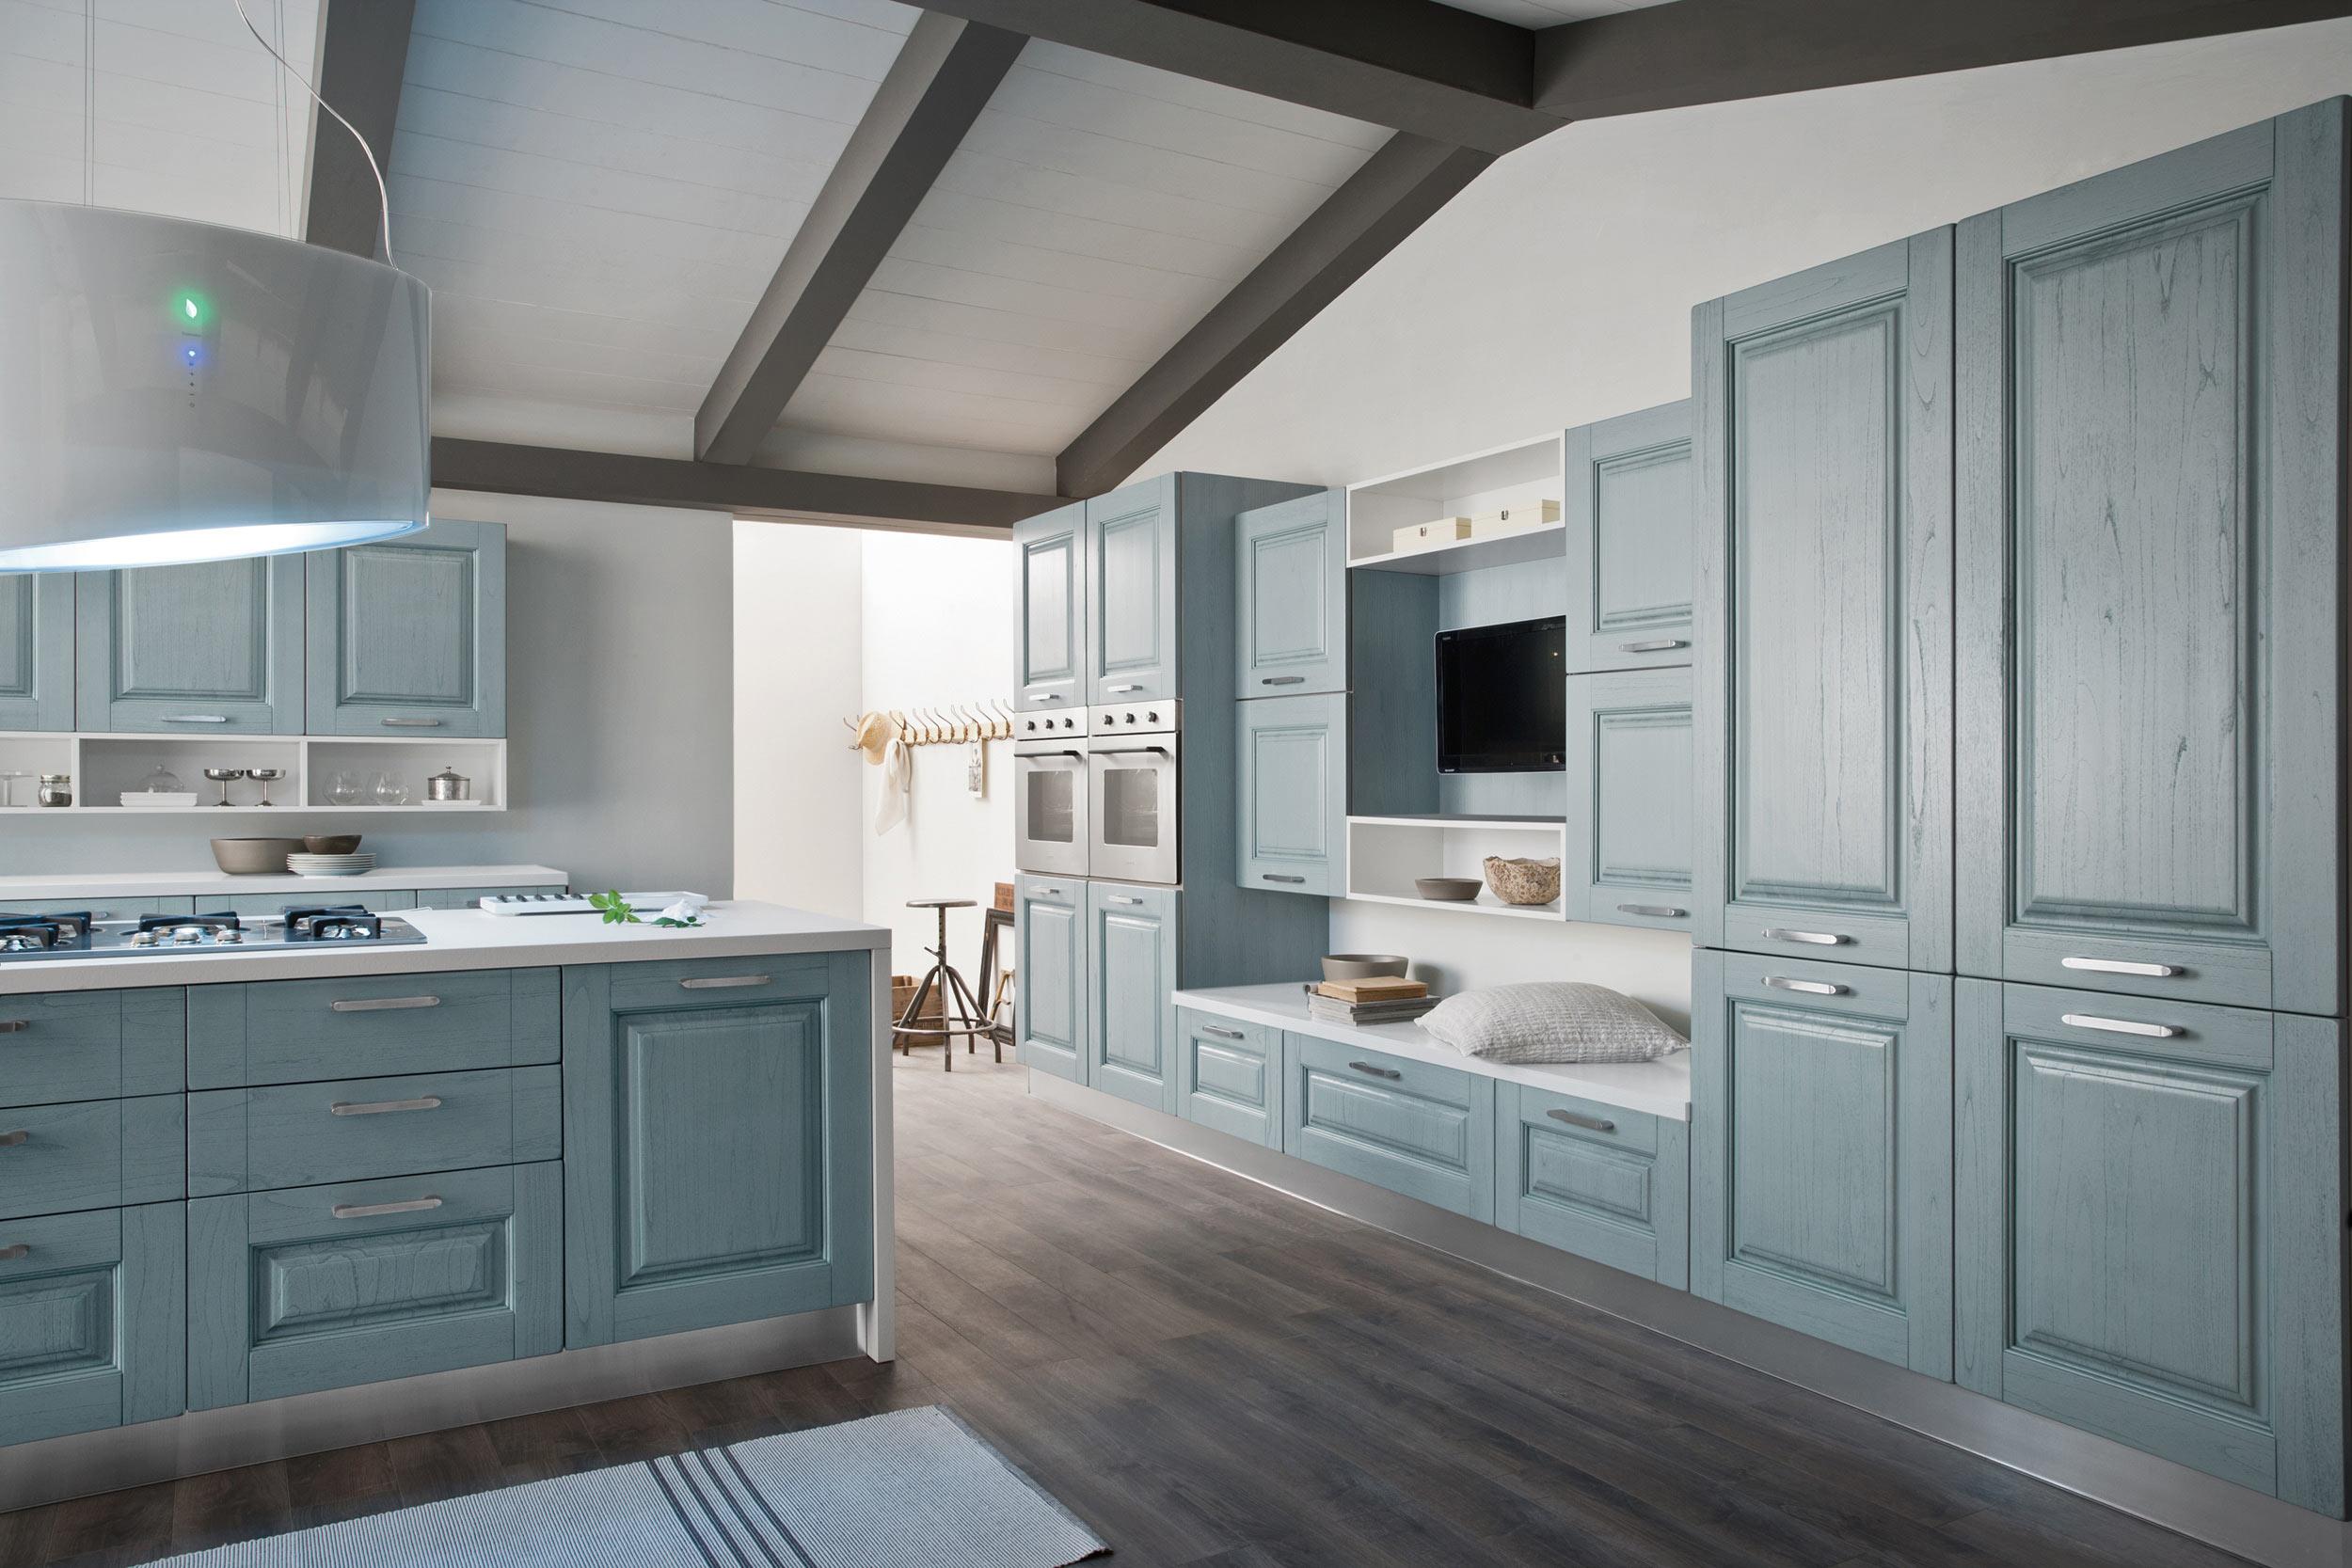 cucina classica celeste